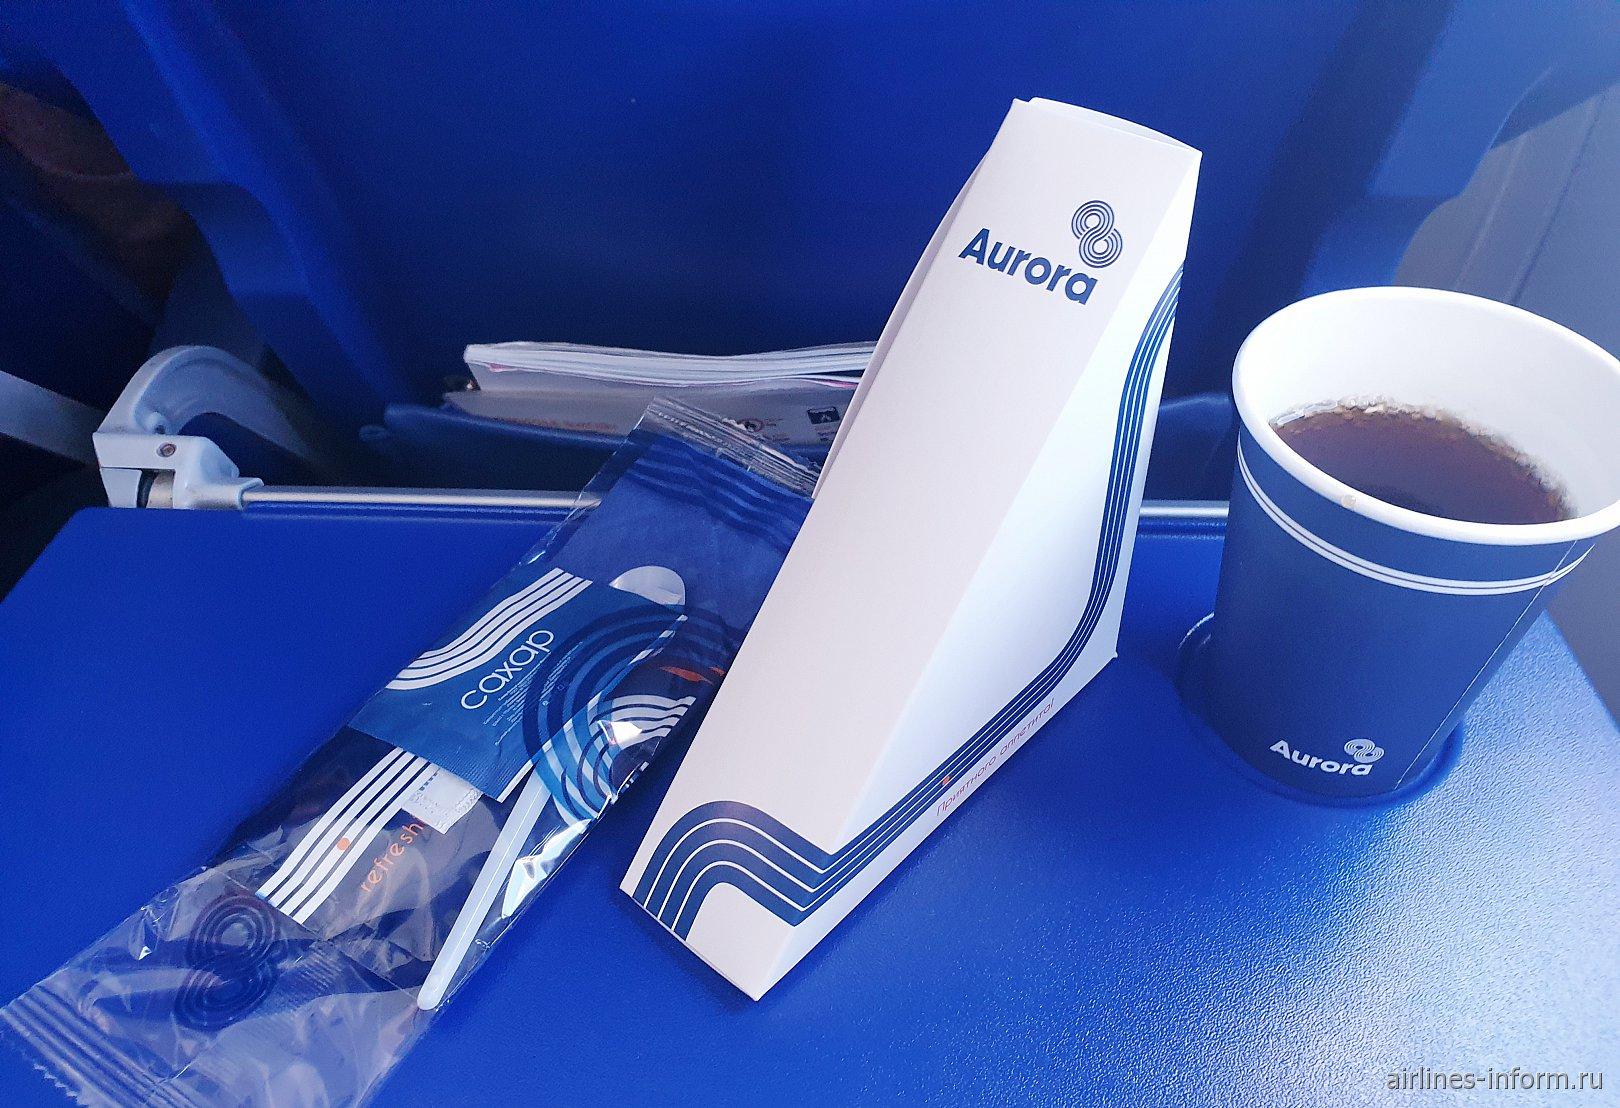 """Бортпитание на рейсе Южно-Сахалинск-Хабаровск авиакомпании """"Аврора"""""""